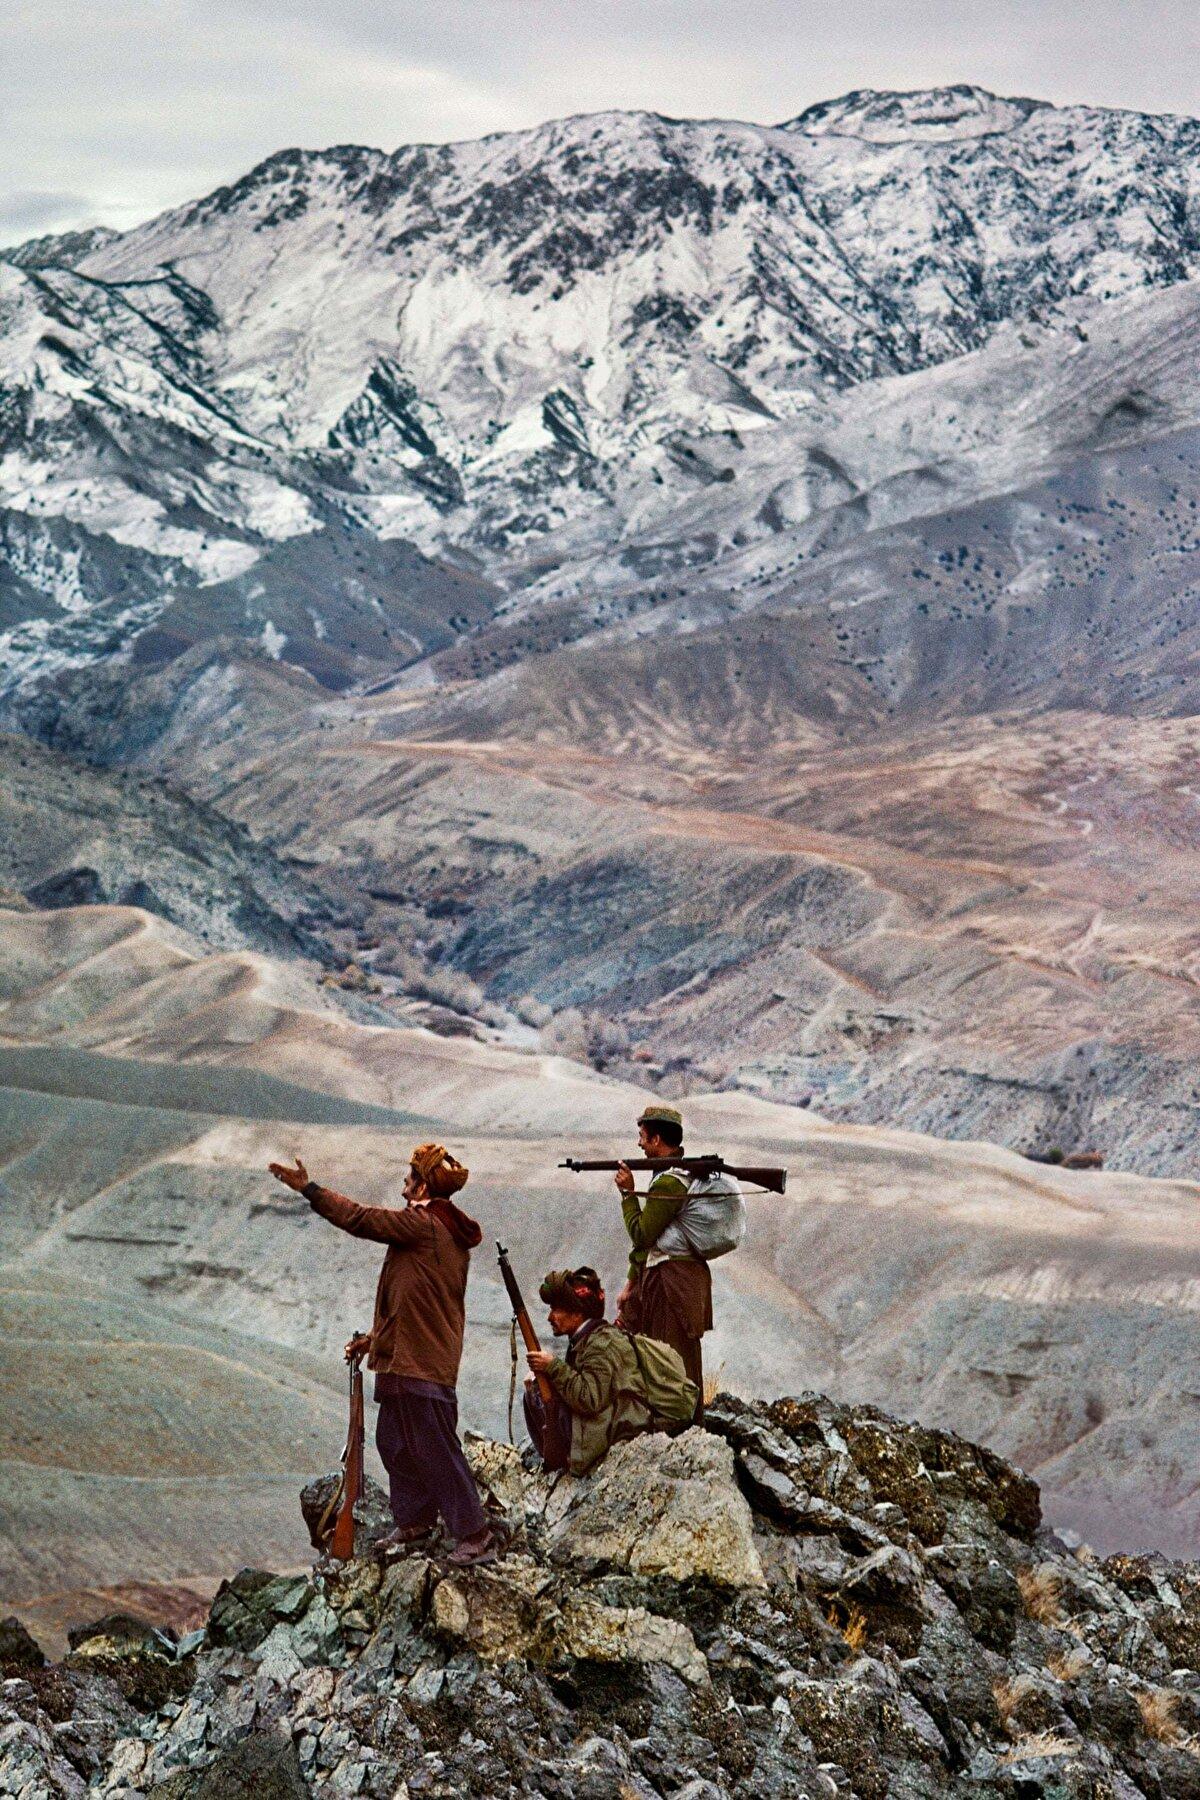 Hindikuş dağlarında üç mücahit. Lovgar vilayeti, 1984.